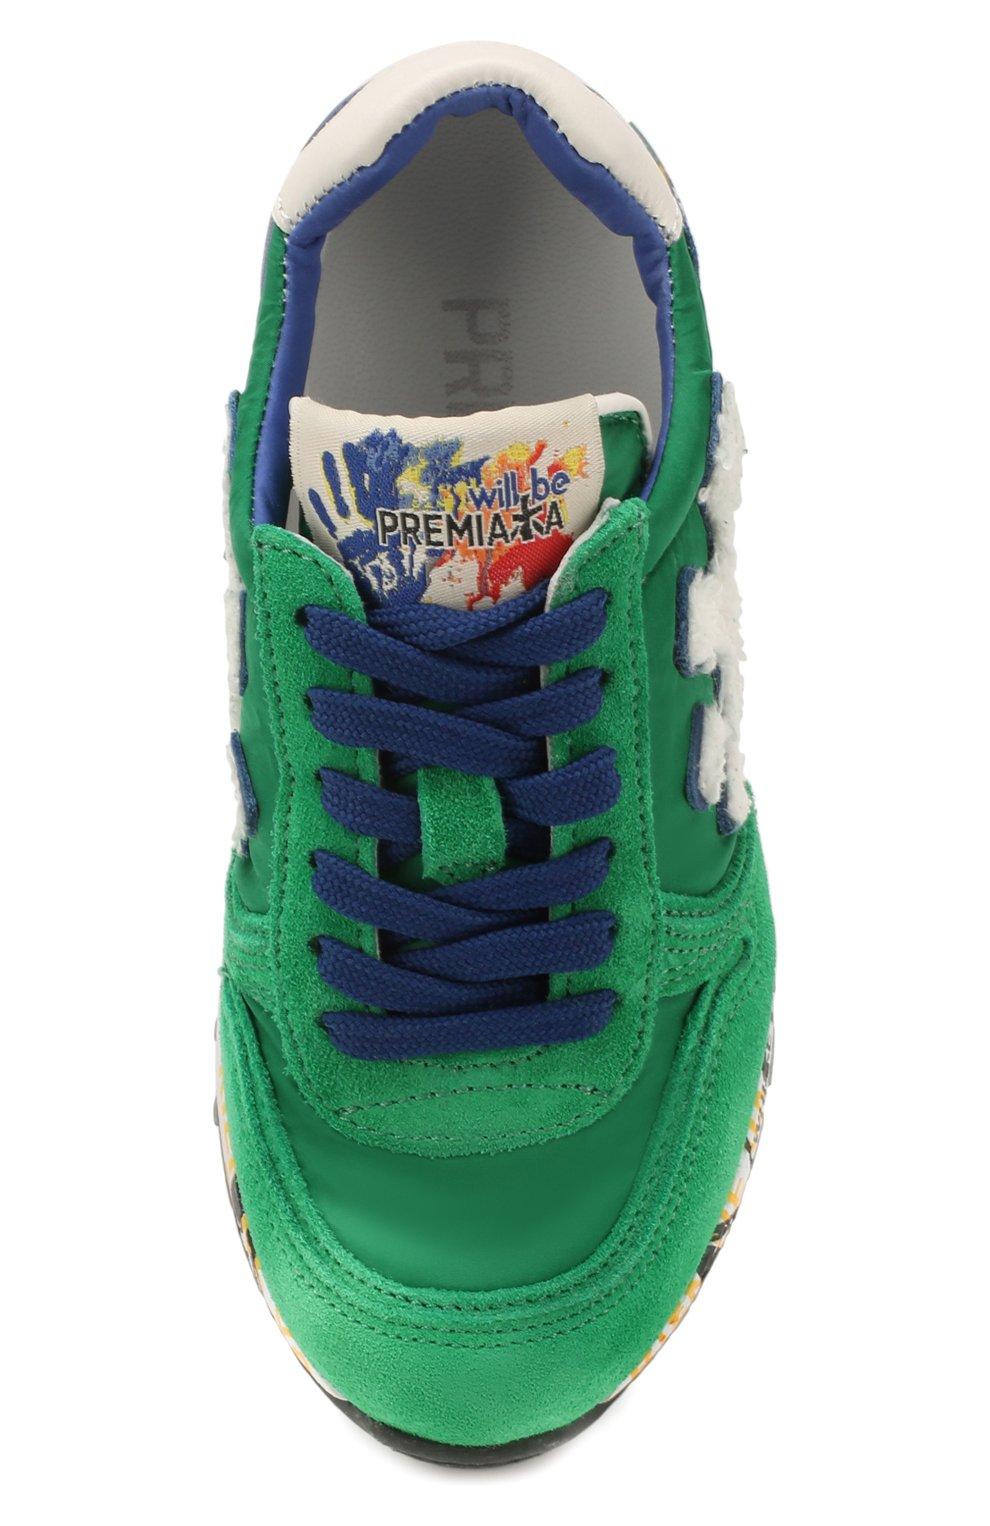 Детские кроссовки PREMIATA WILL BE зеленого цвета, арт. MICK/1351/CHILD | Фото 4 (Материал внешний: Текстиль; Материал внутренний: Натуральная кожа)